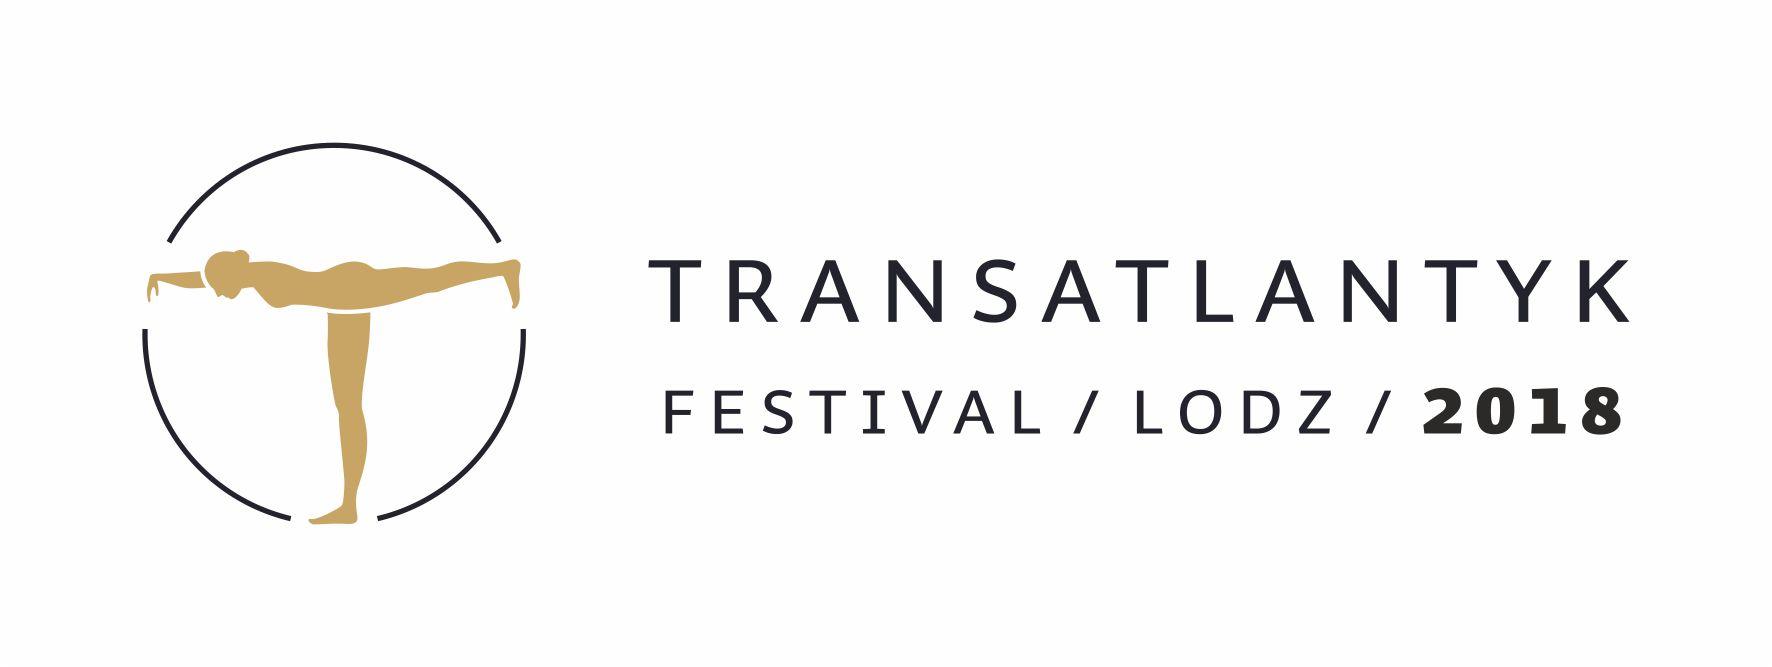 Going. | Transatlantyk Festival